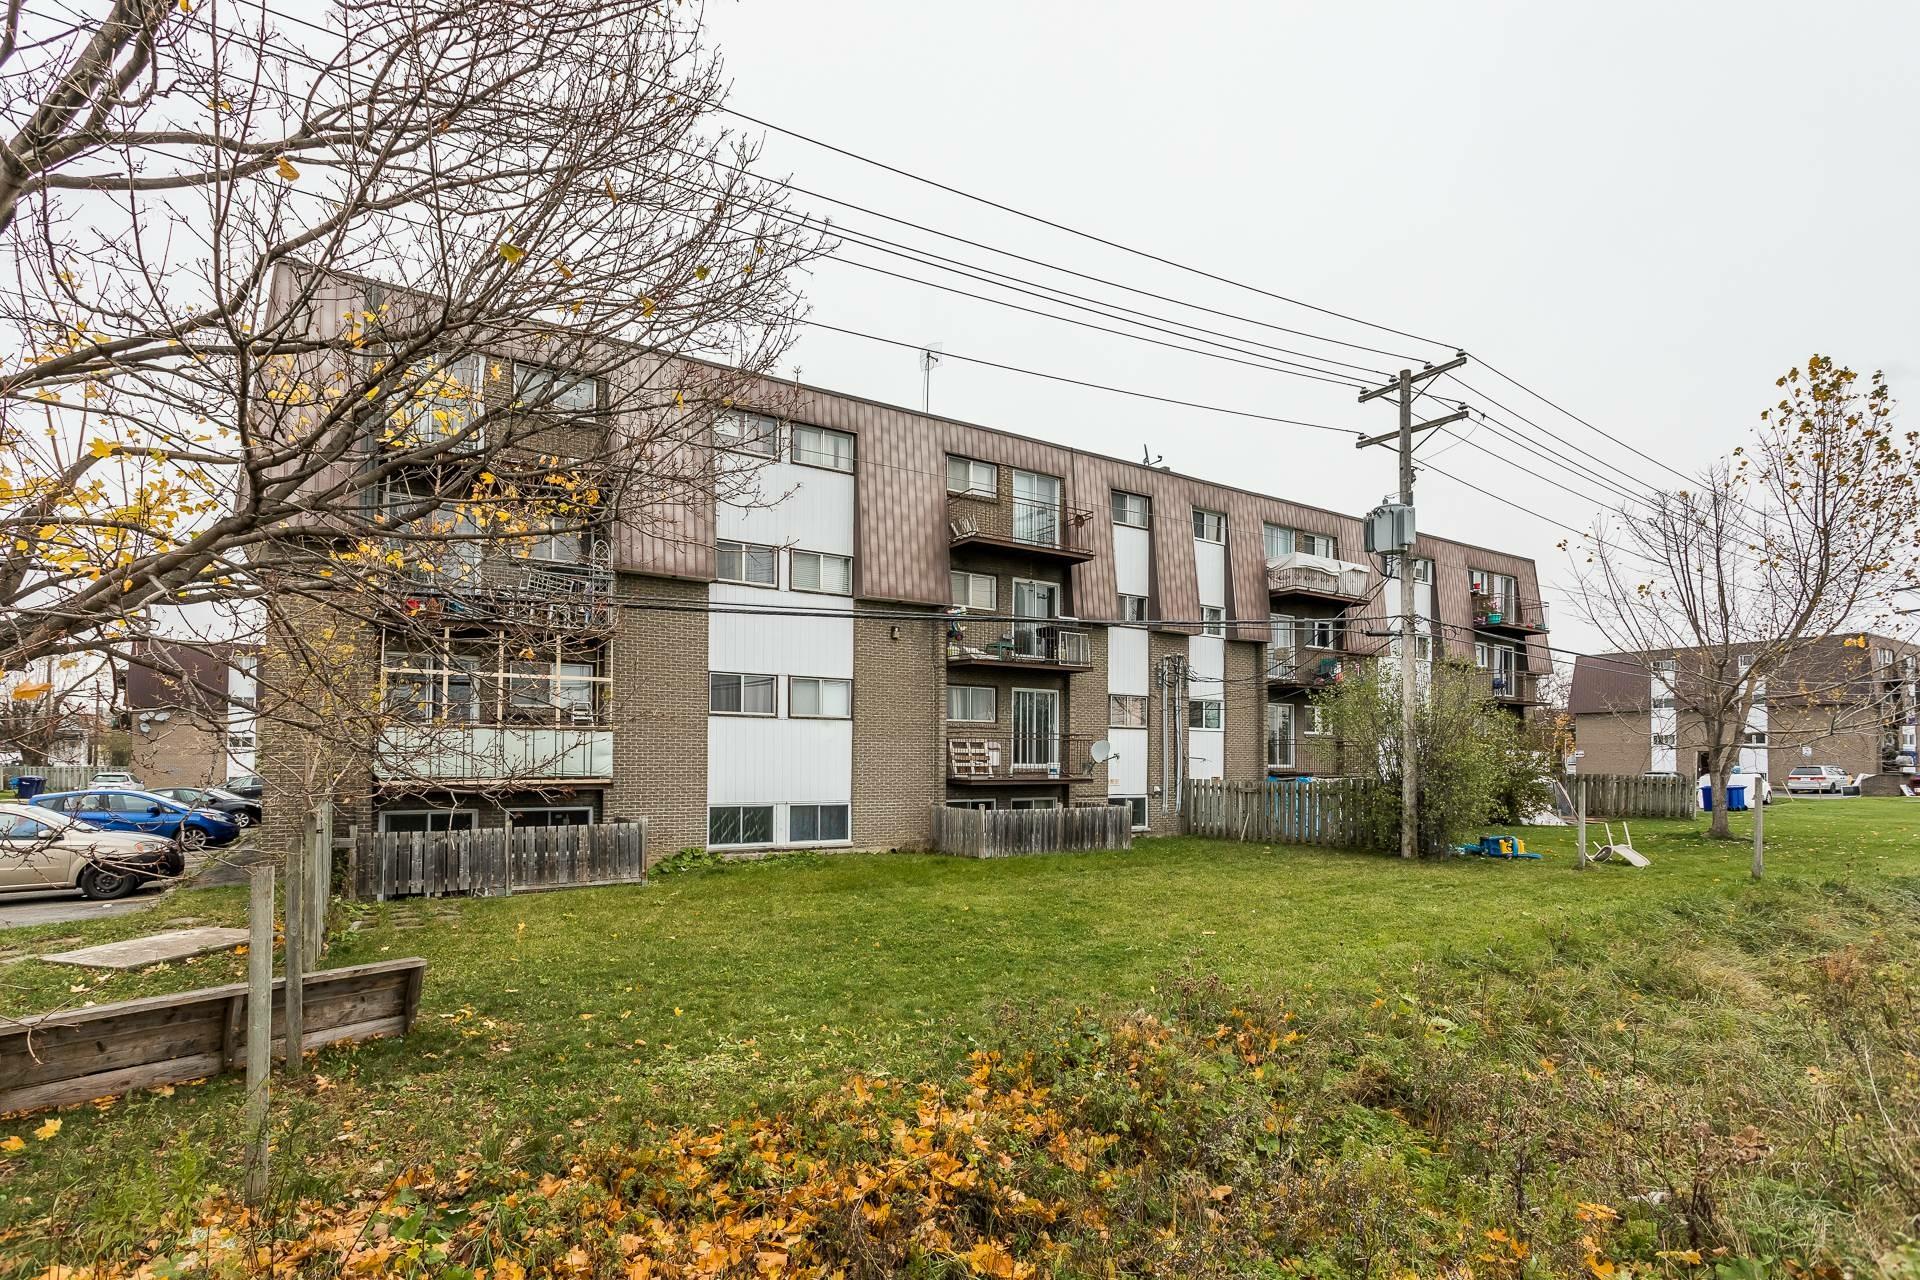 image 3 - Immeuble à revenus À vendre Pont-Viau Laval  - 1 pièce